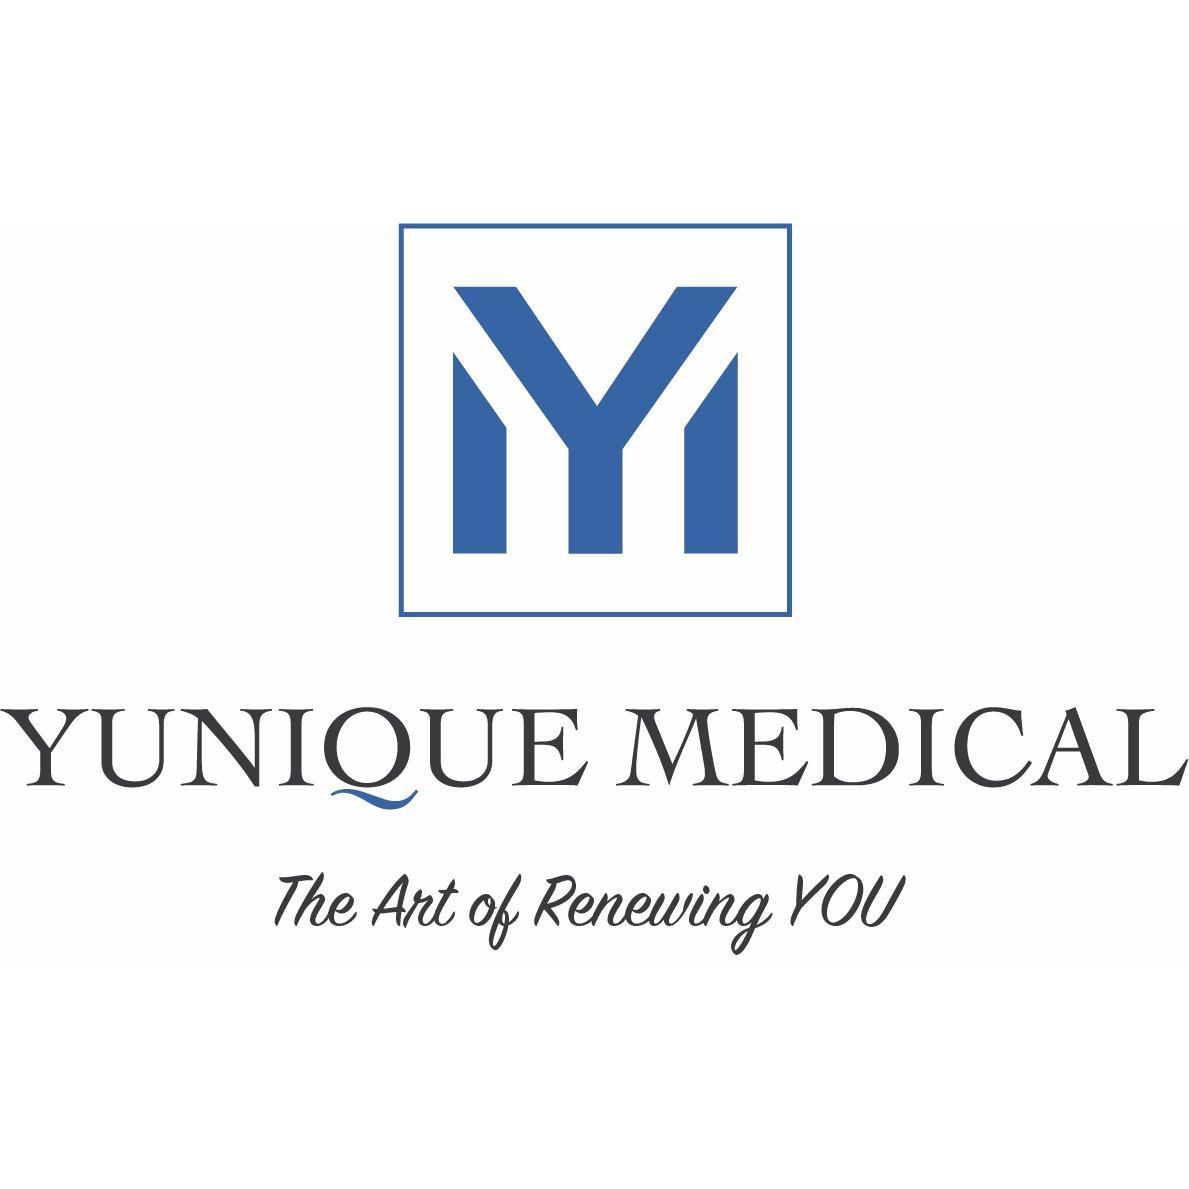 Yunique Medical image 1